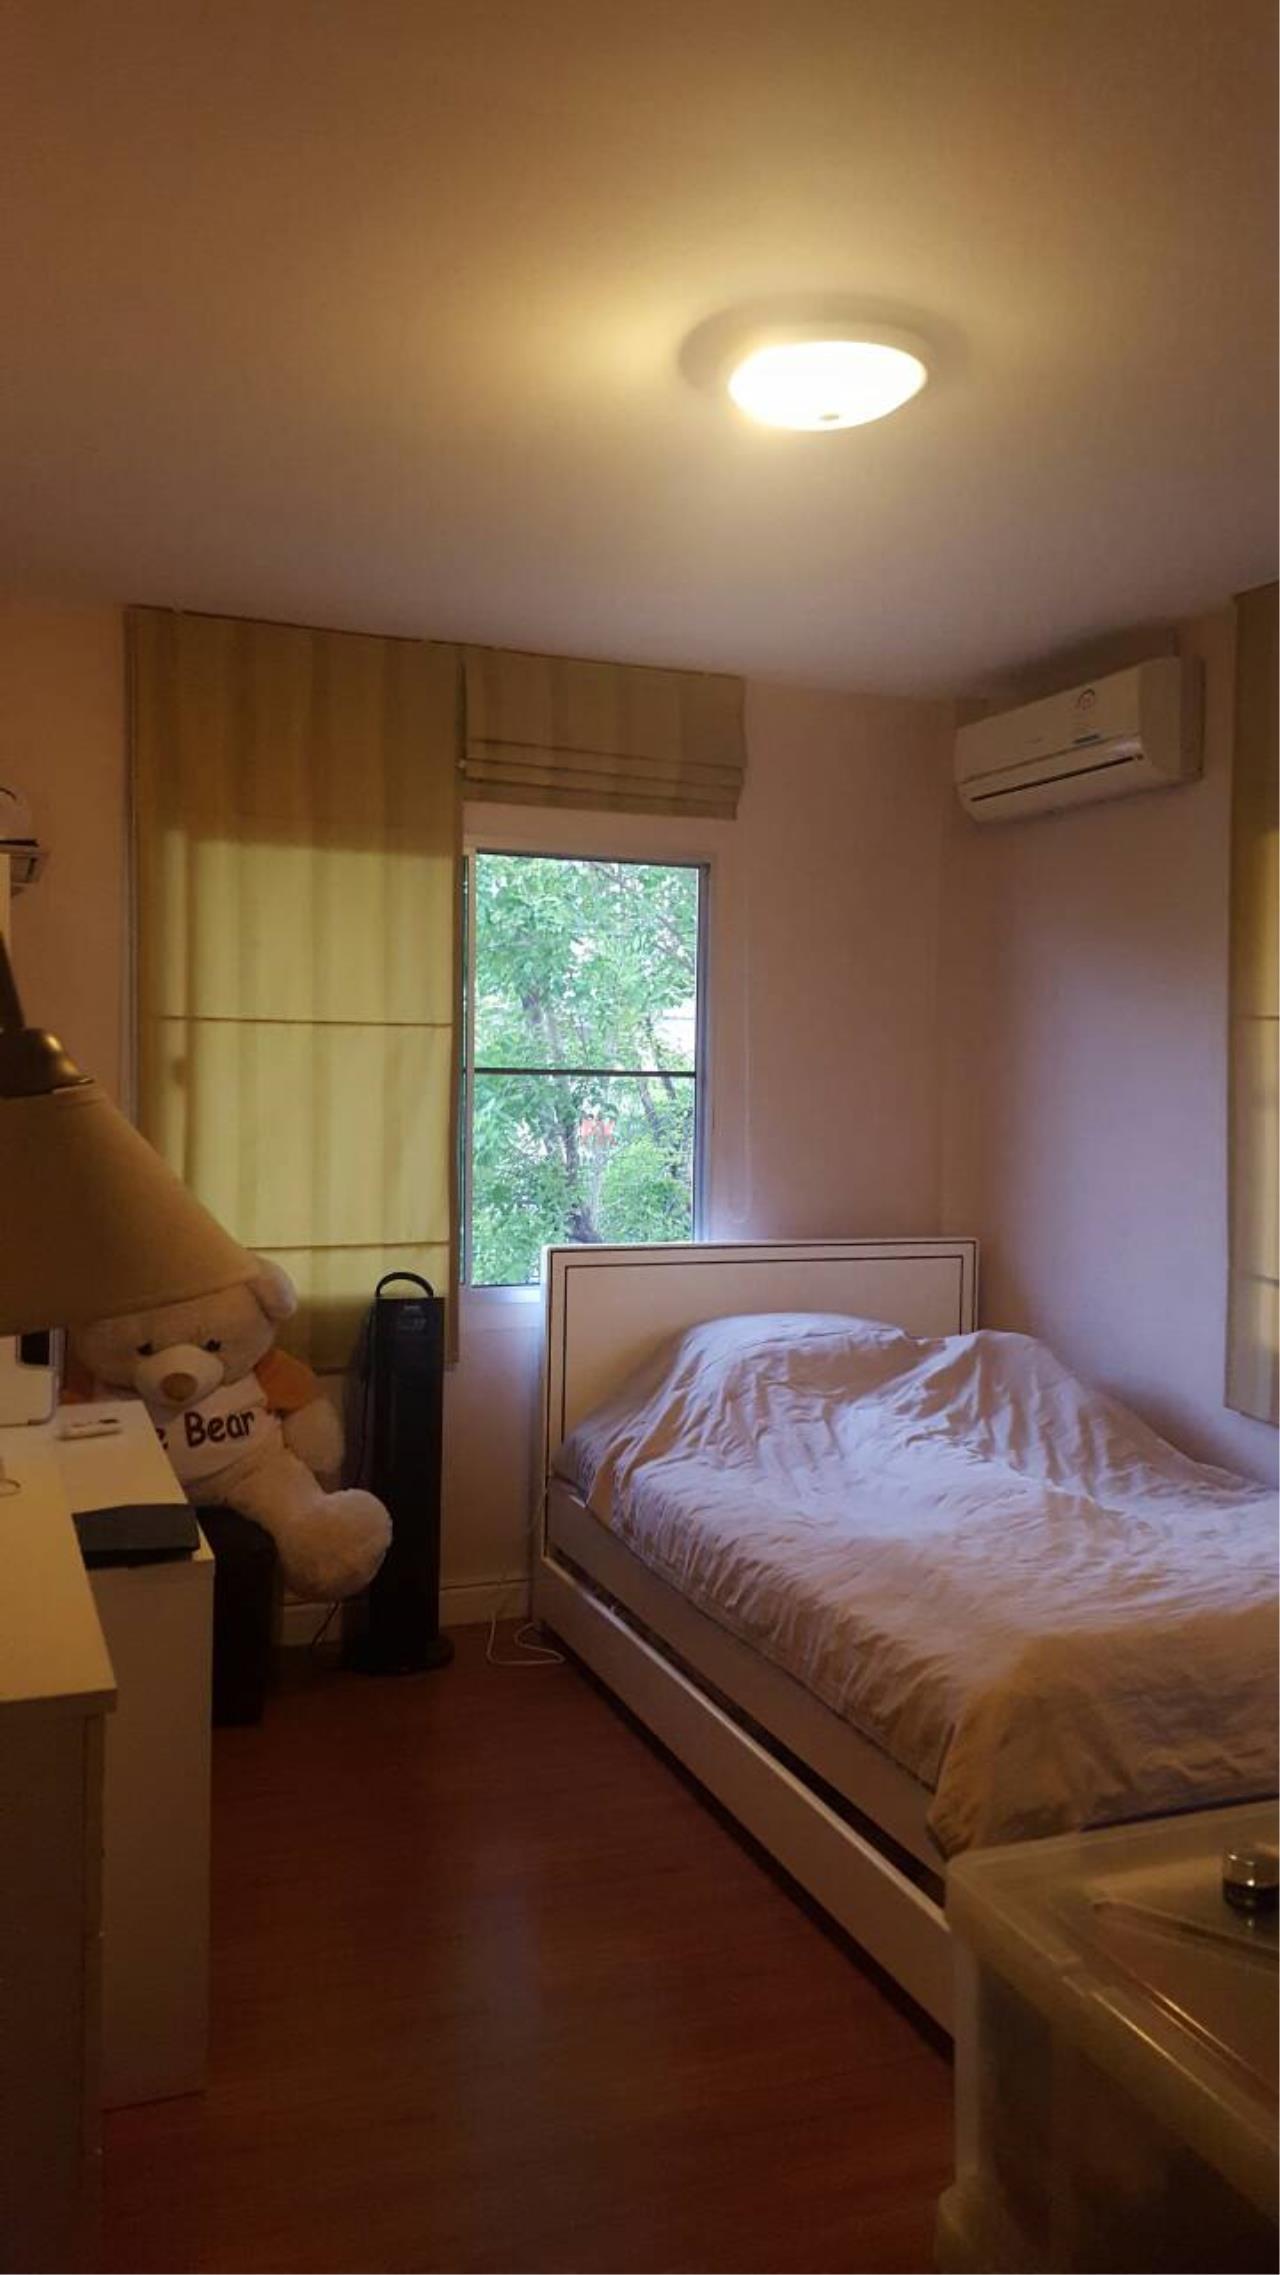 RE/MAX PRIME Agency's HS-B01600004 - House for Sale Baan Nunthawan Sathorn Ratchapruek 13